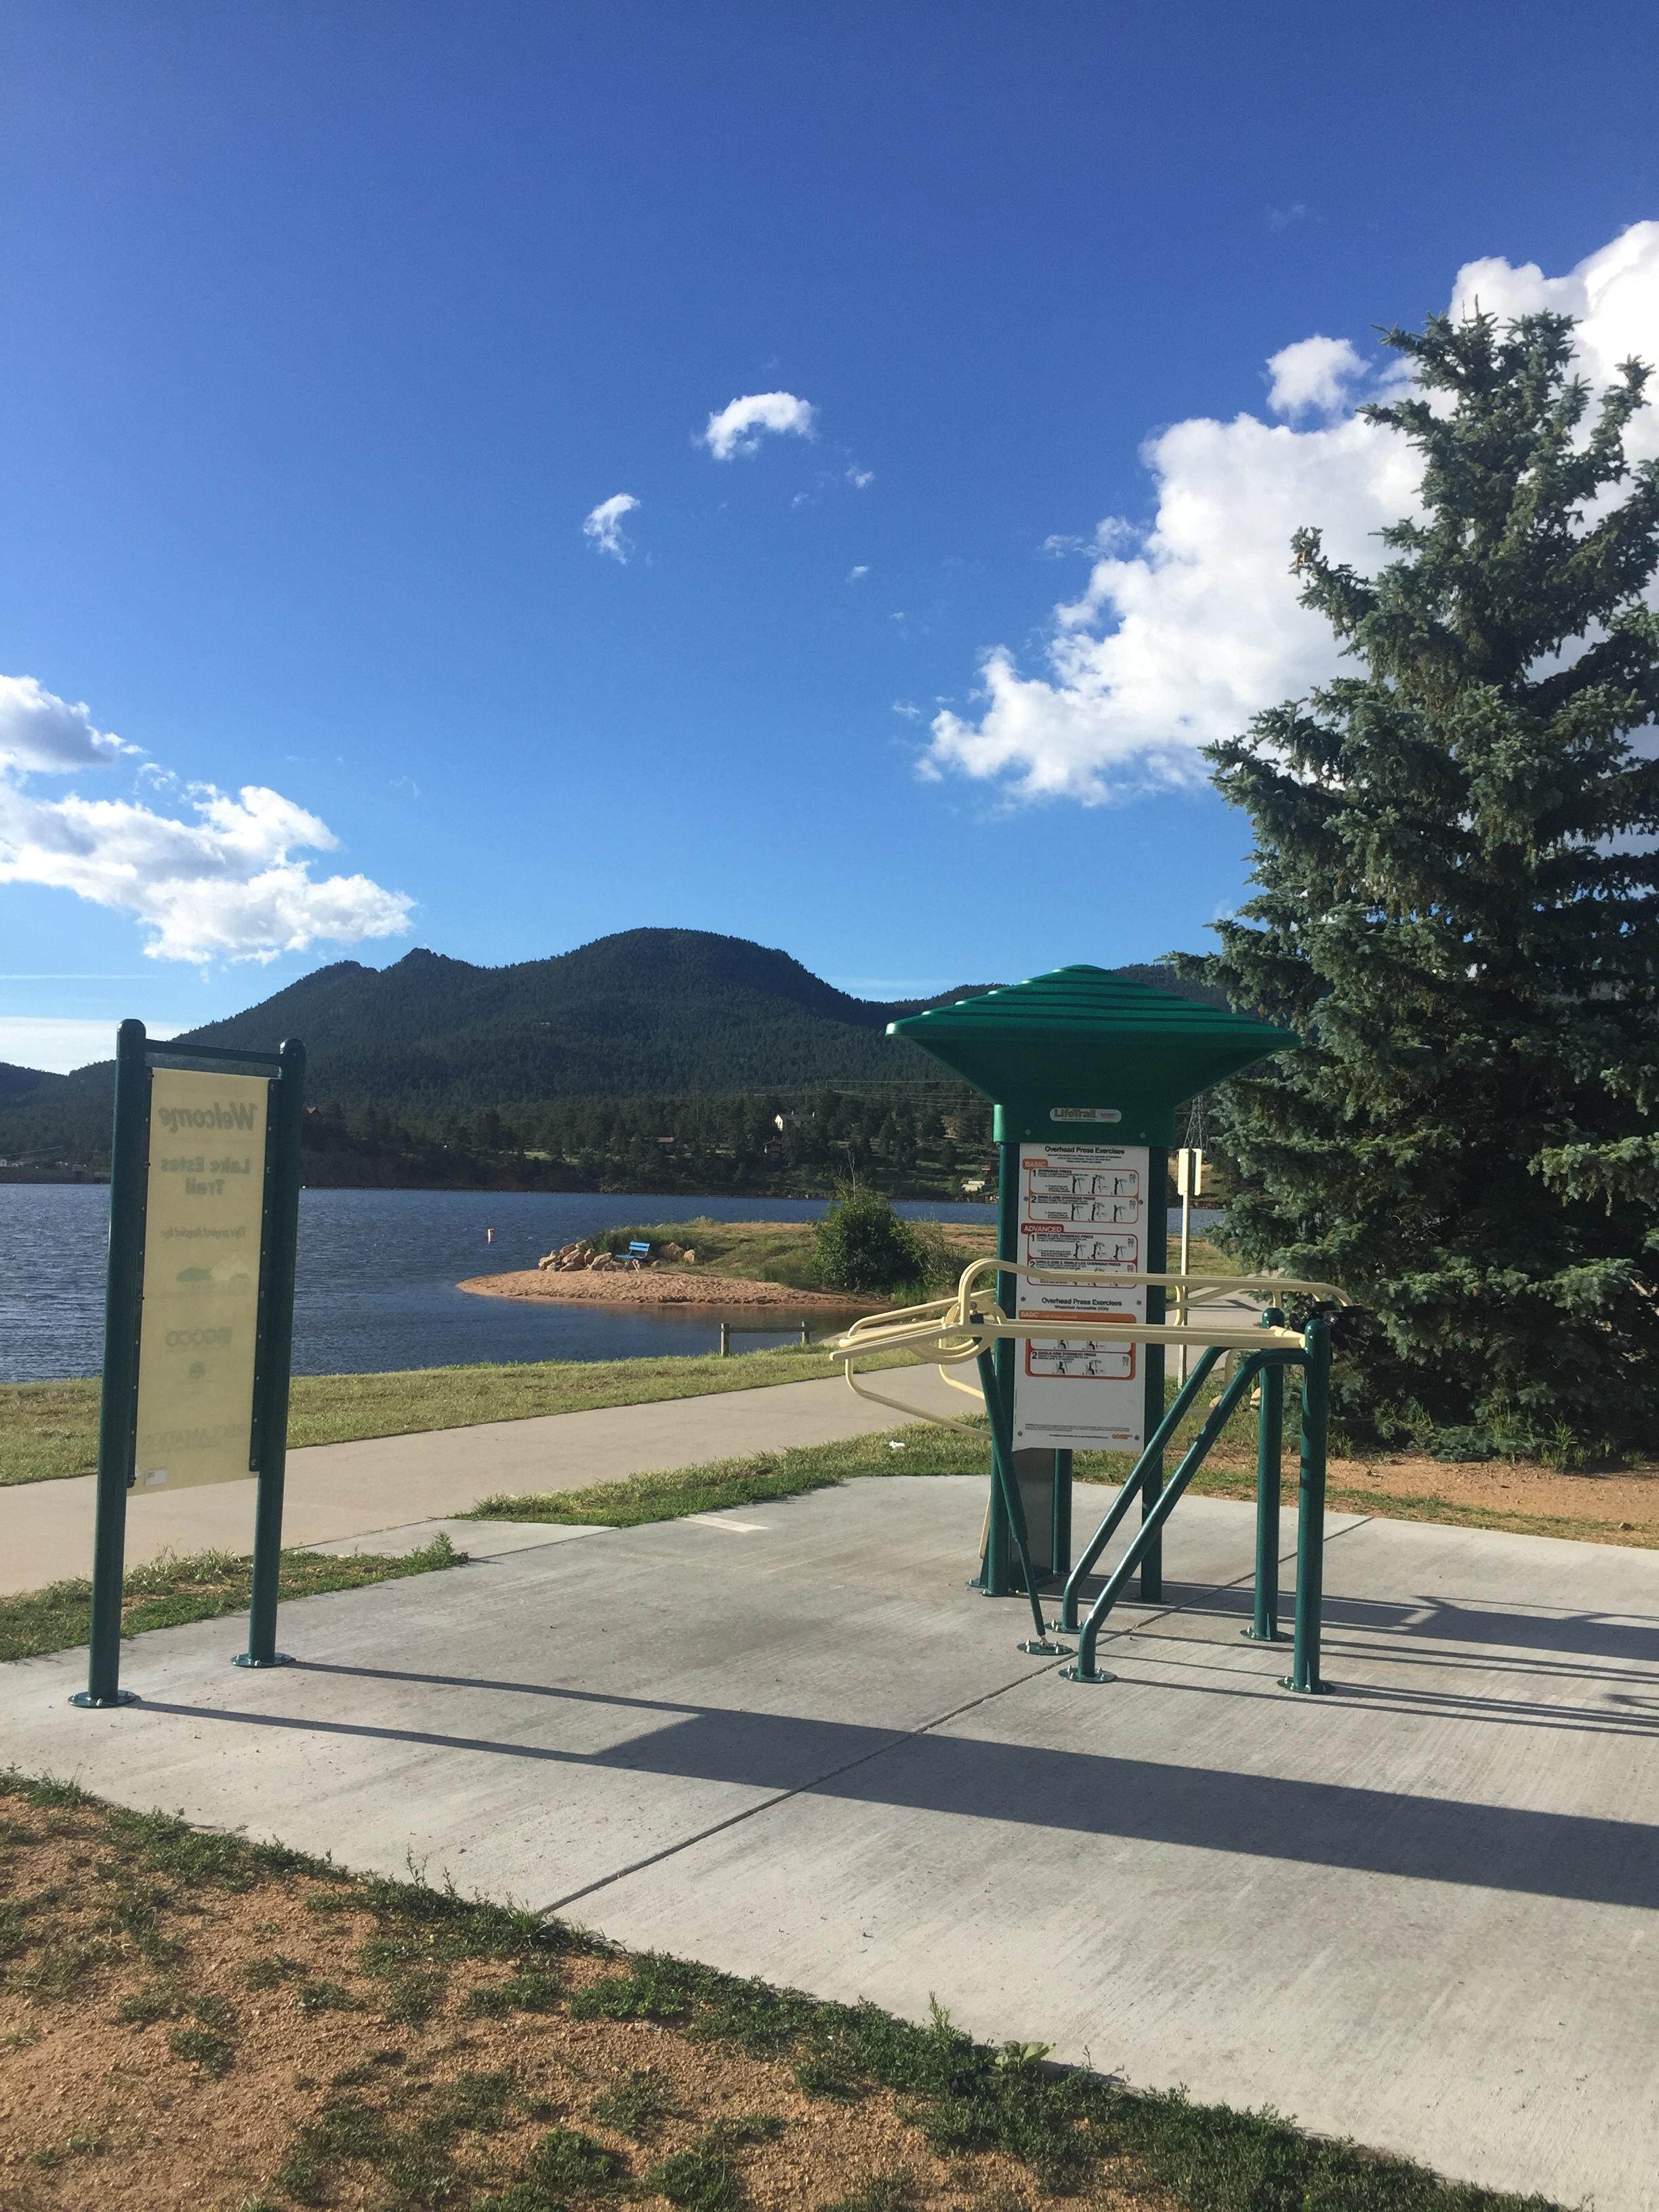 Do a few exercises as you walk around Lake Estes